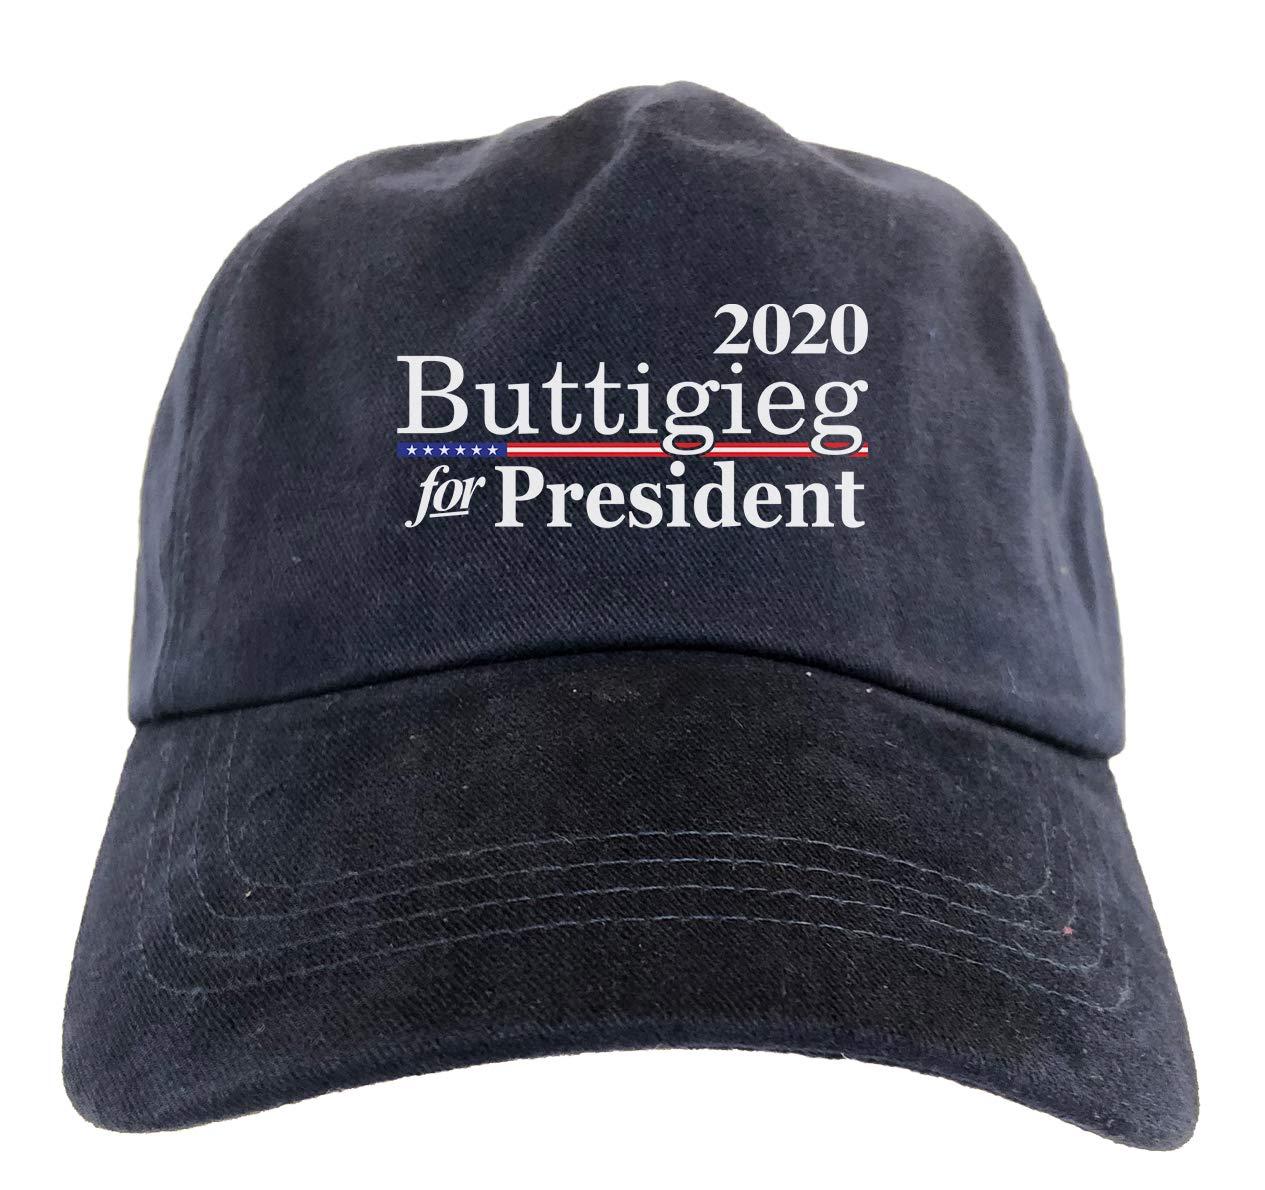 社長Tcombo Buttigieg 2020 -electお父さんの帽子